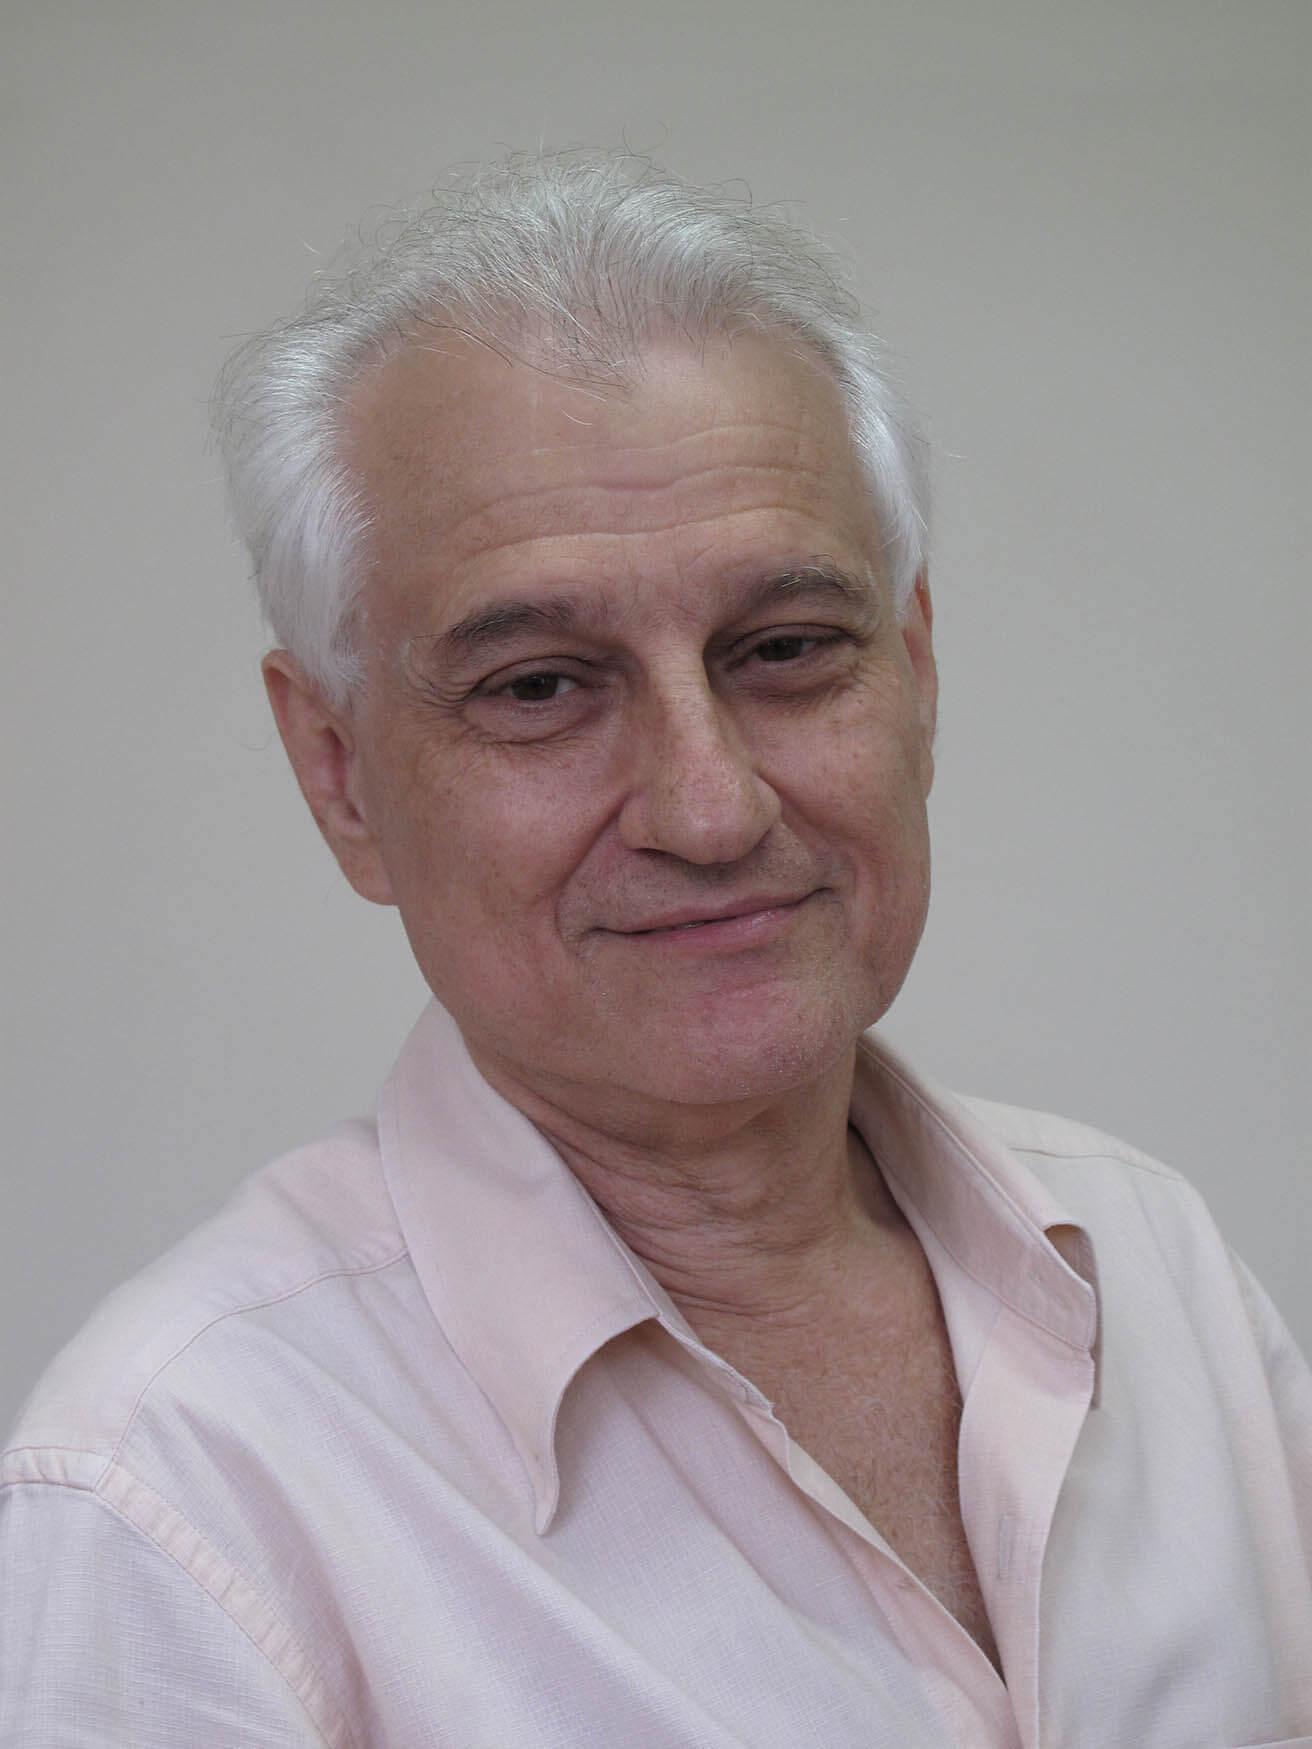 MOISÉS HENRIQUE SZWARCMAN